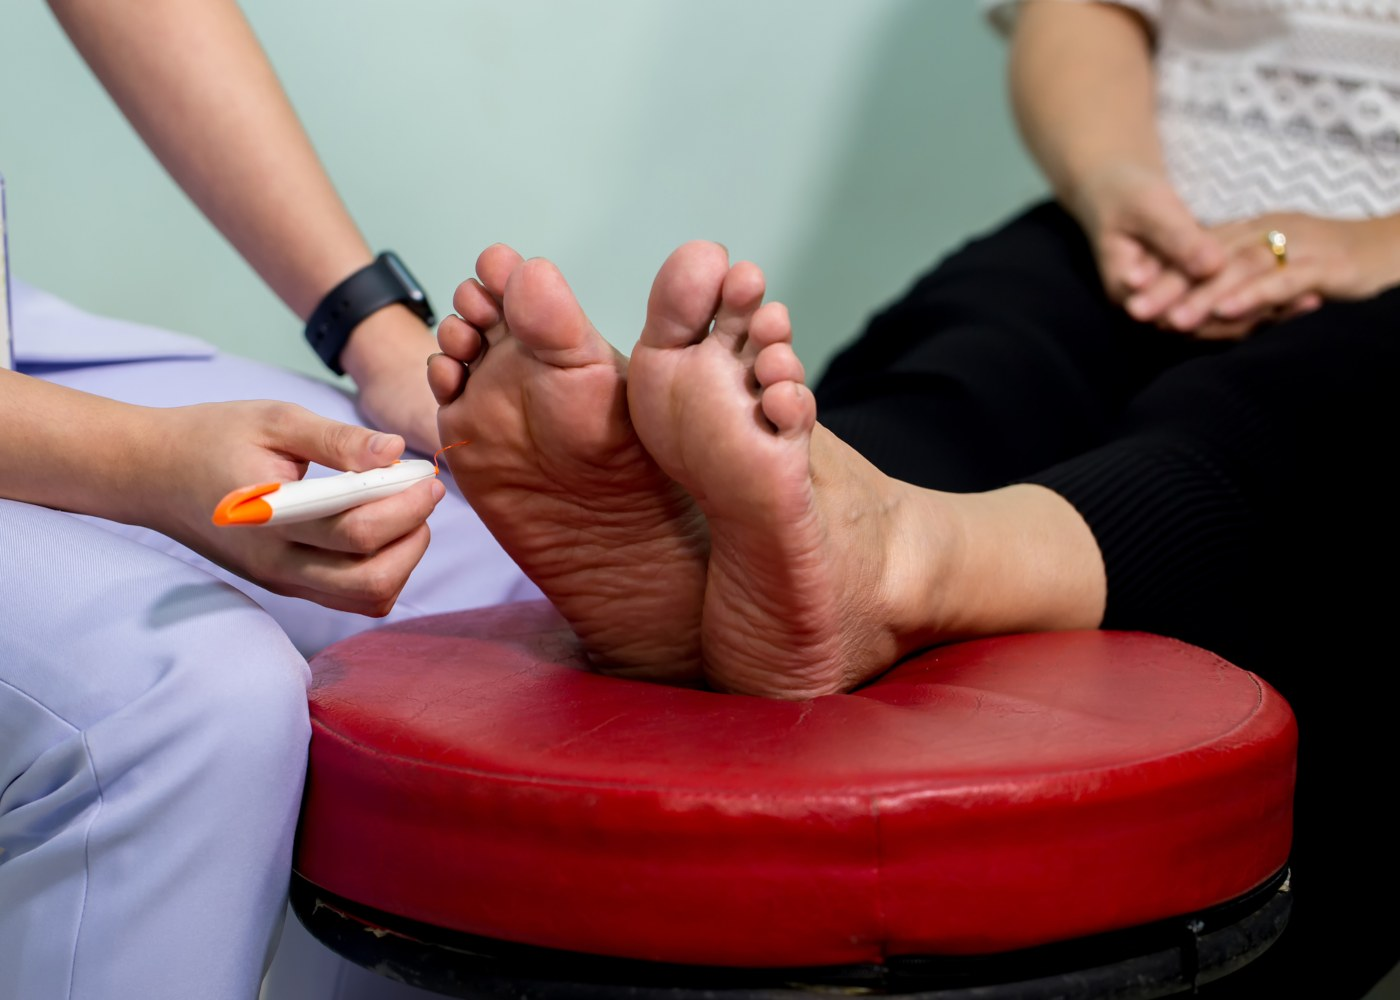 Médico analisa doente com pé diabético